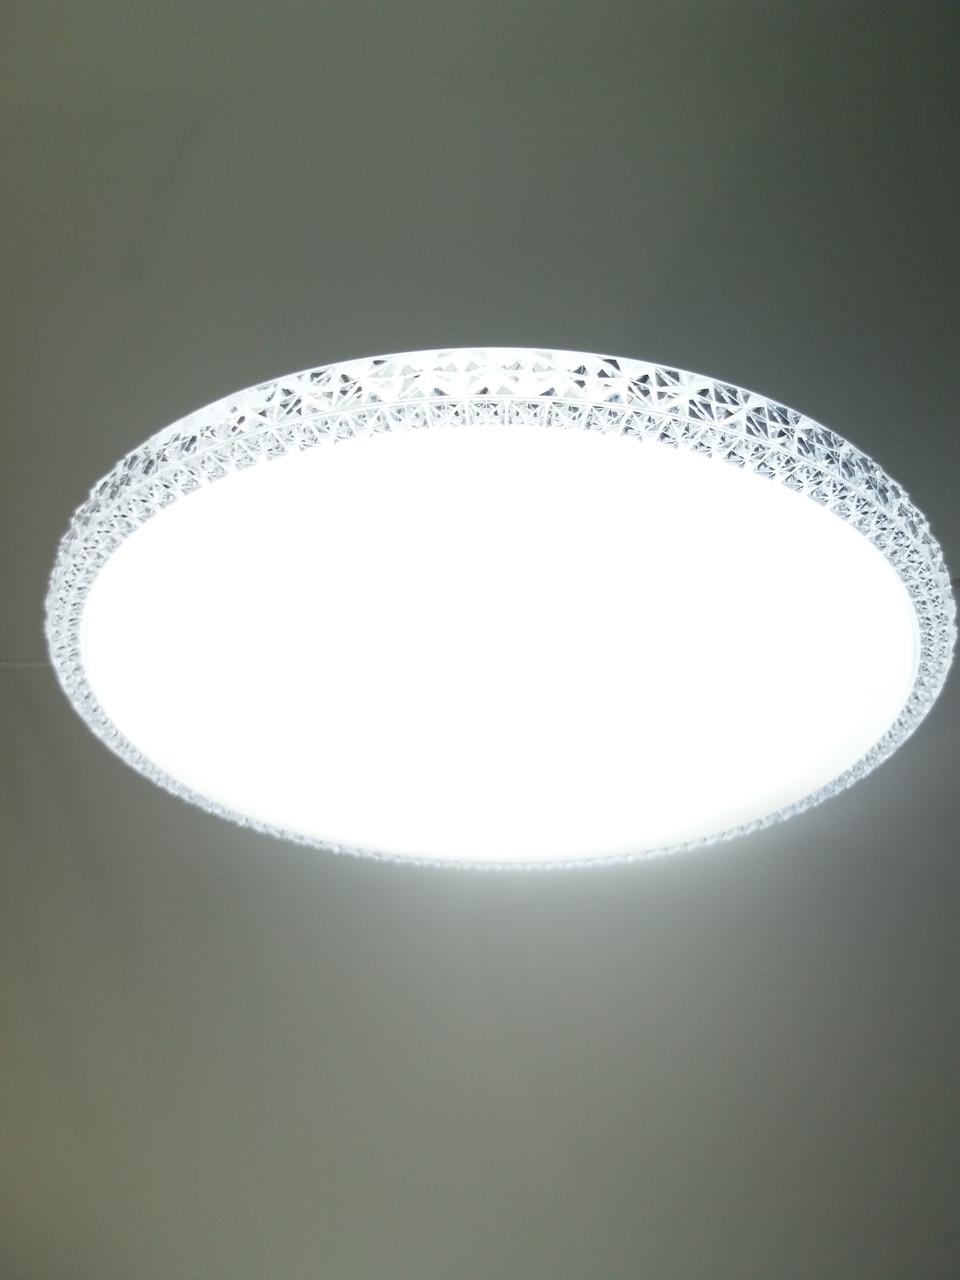 Потолочный LED cветильник SMART 60W-016 с пультом ДУ